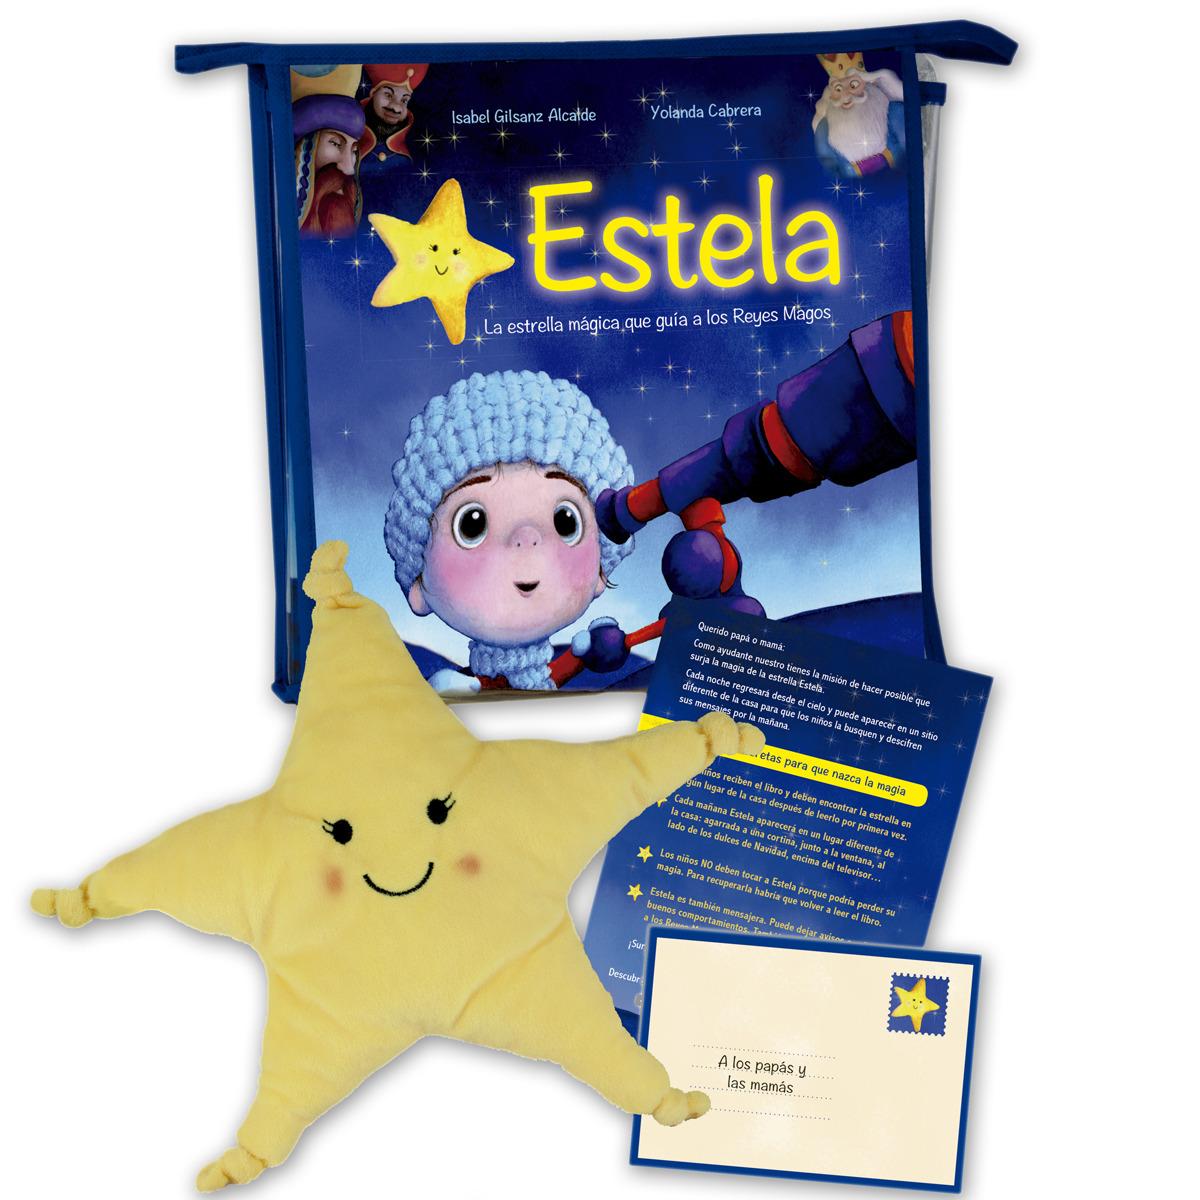 Estela, la estrella que guía a los Reyes Magos